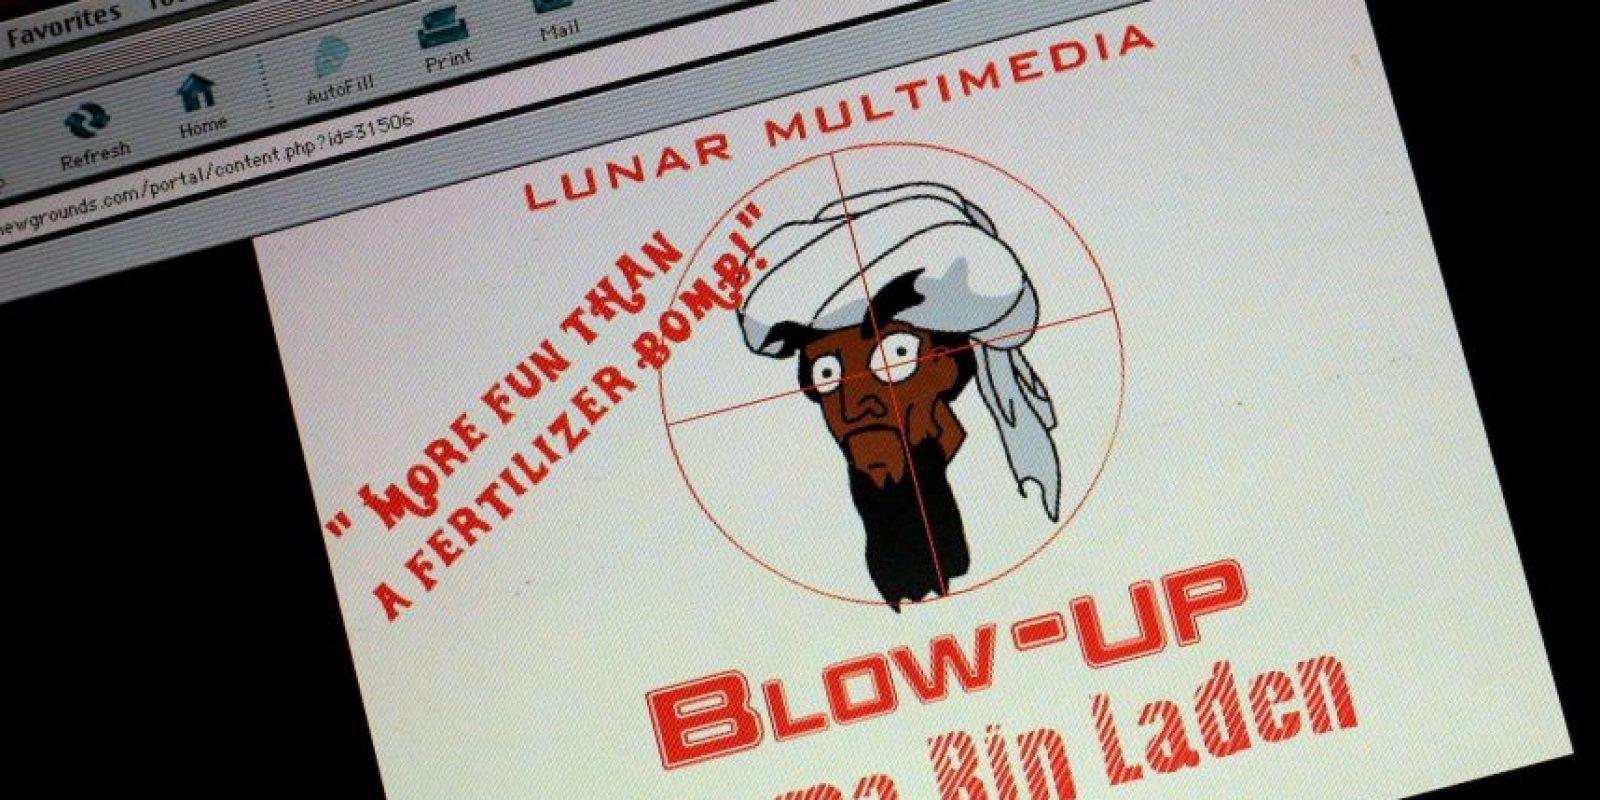 Videojuegos en contra de Bin Laden, publicados en 2001 Foto:Getty Images